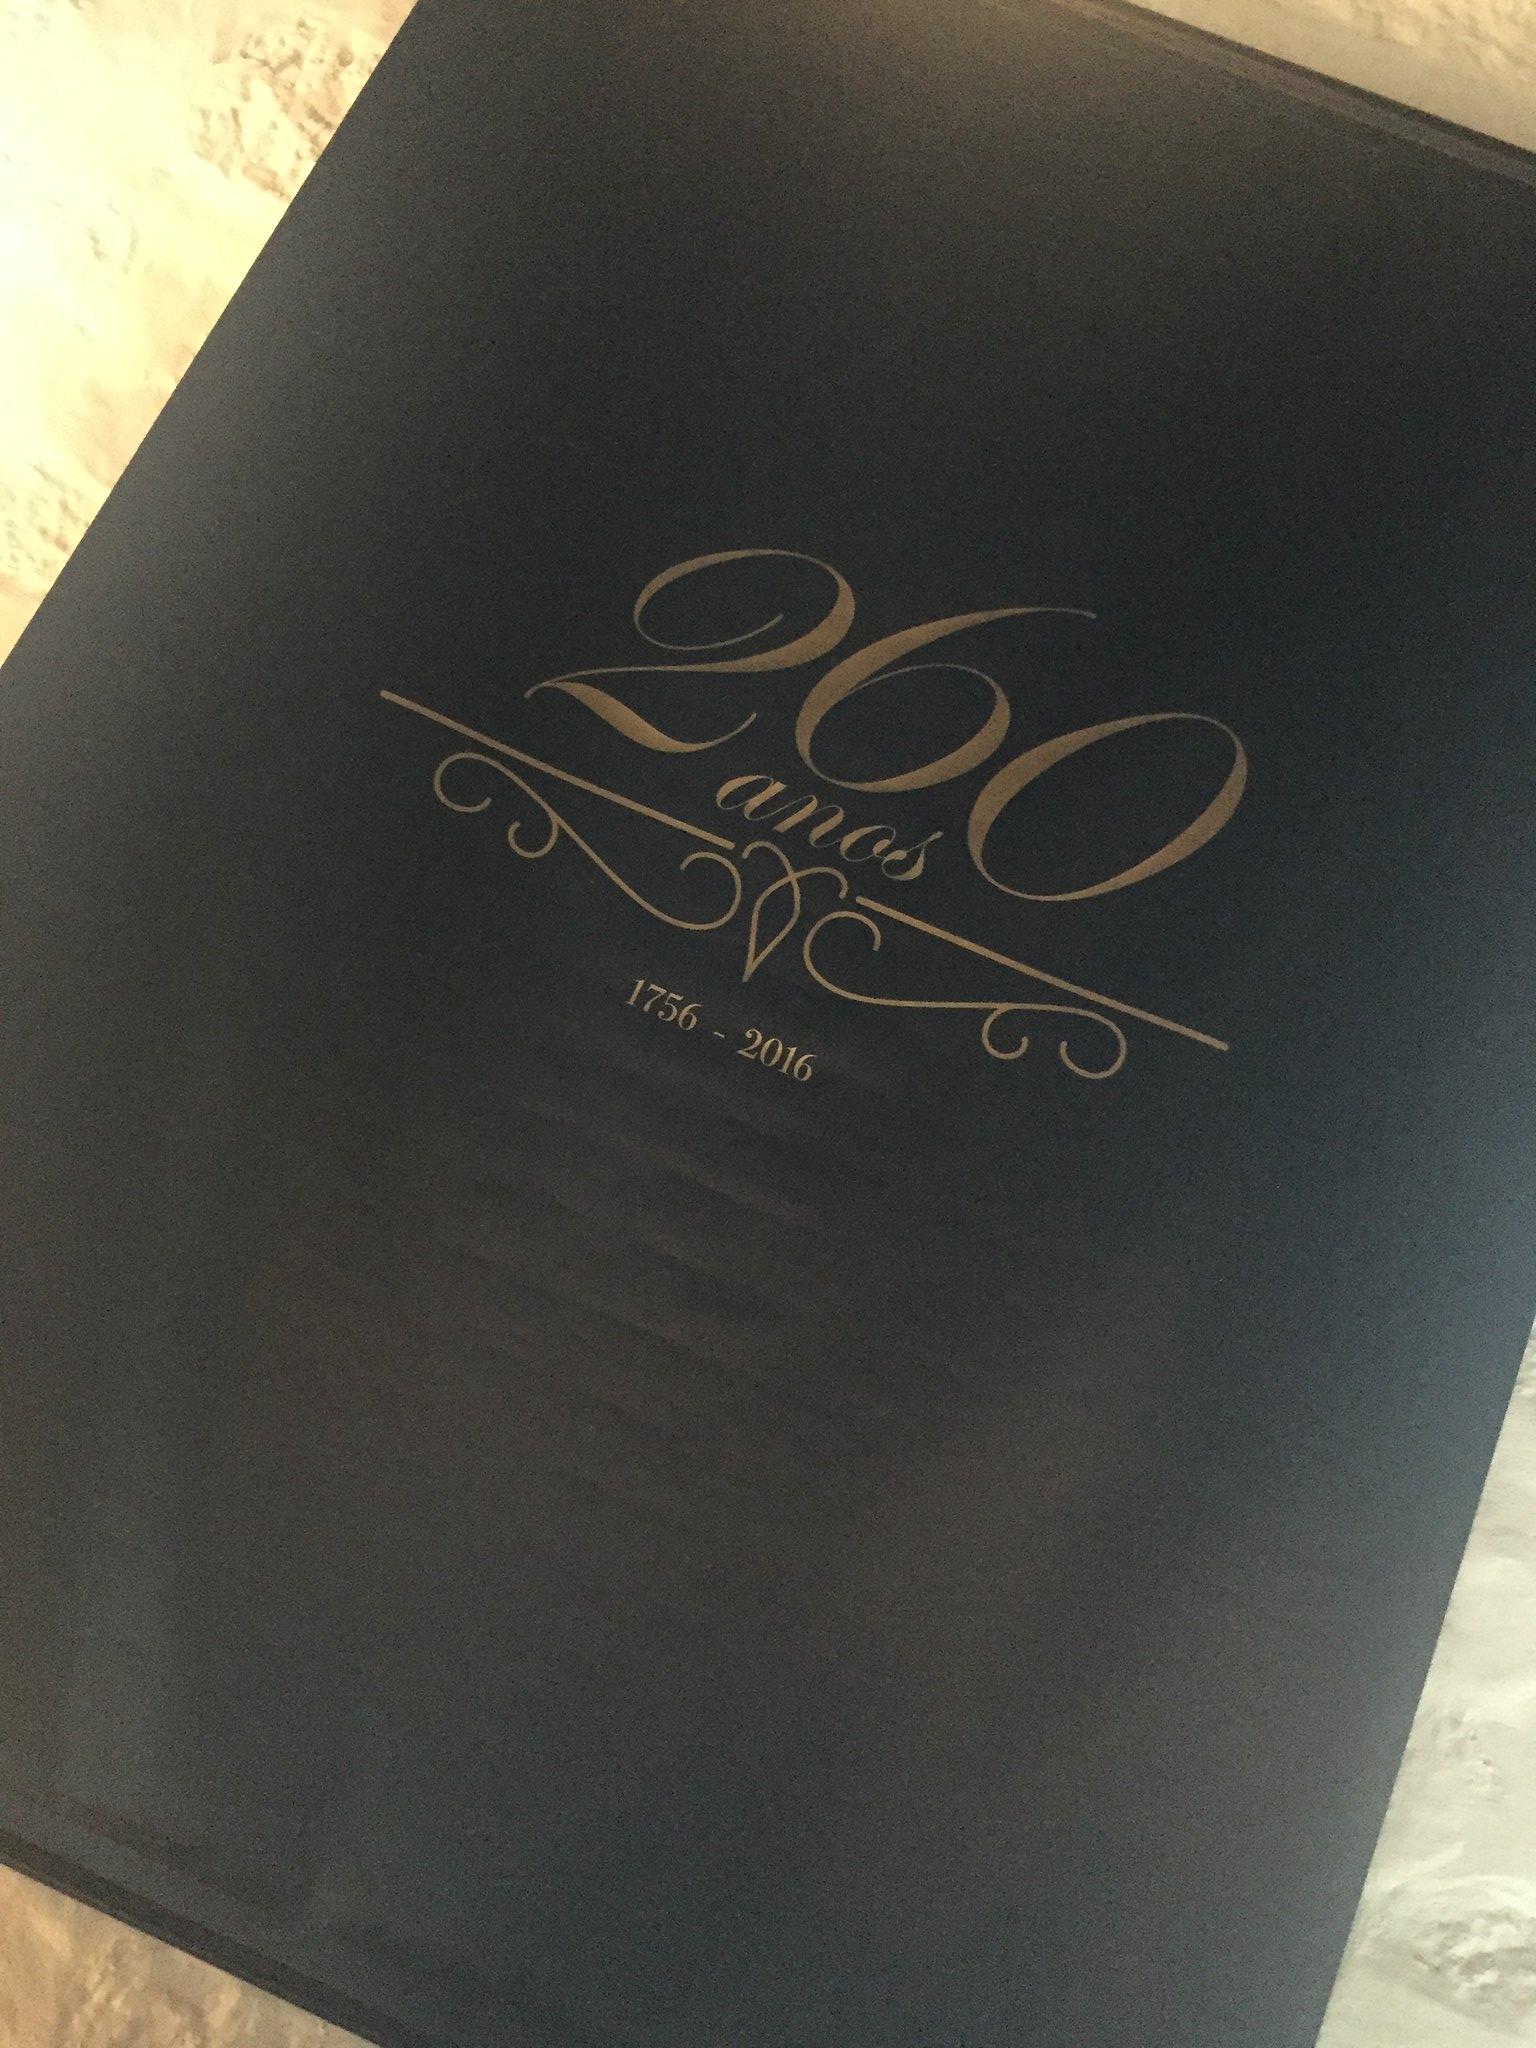 Real Companhia Velha - Open Doors 260 anos